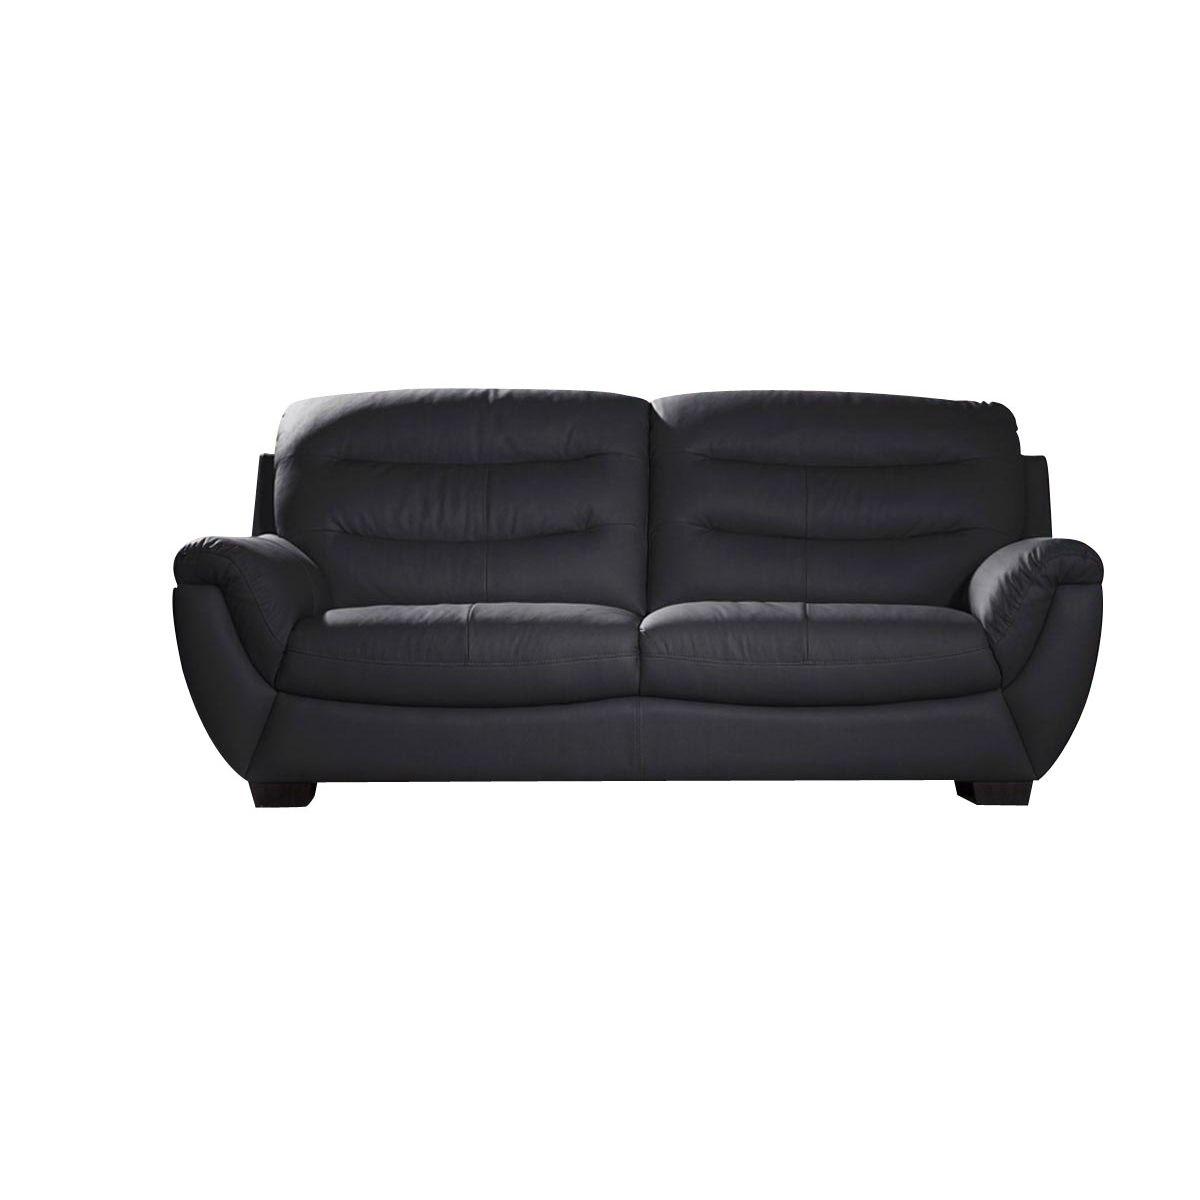 Canapé 3 places en cuir épais CORAL - Noir